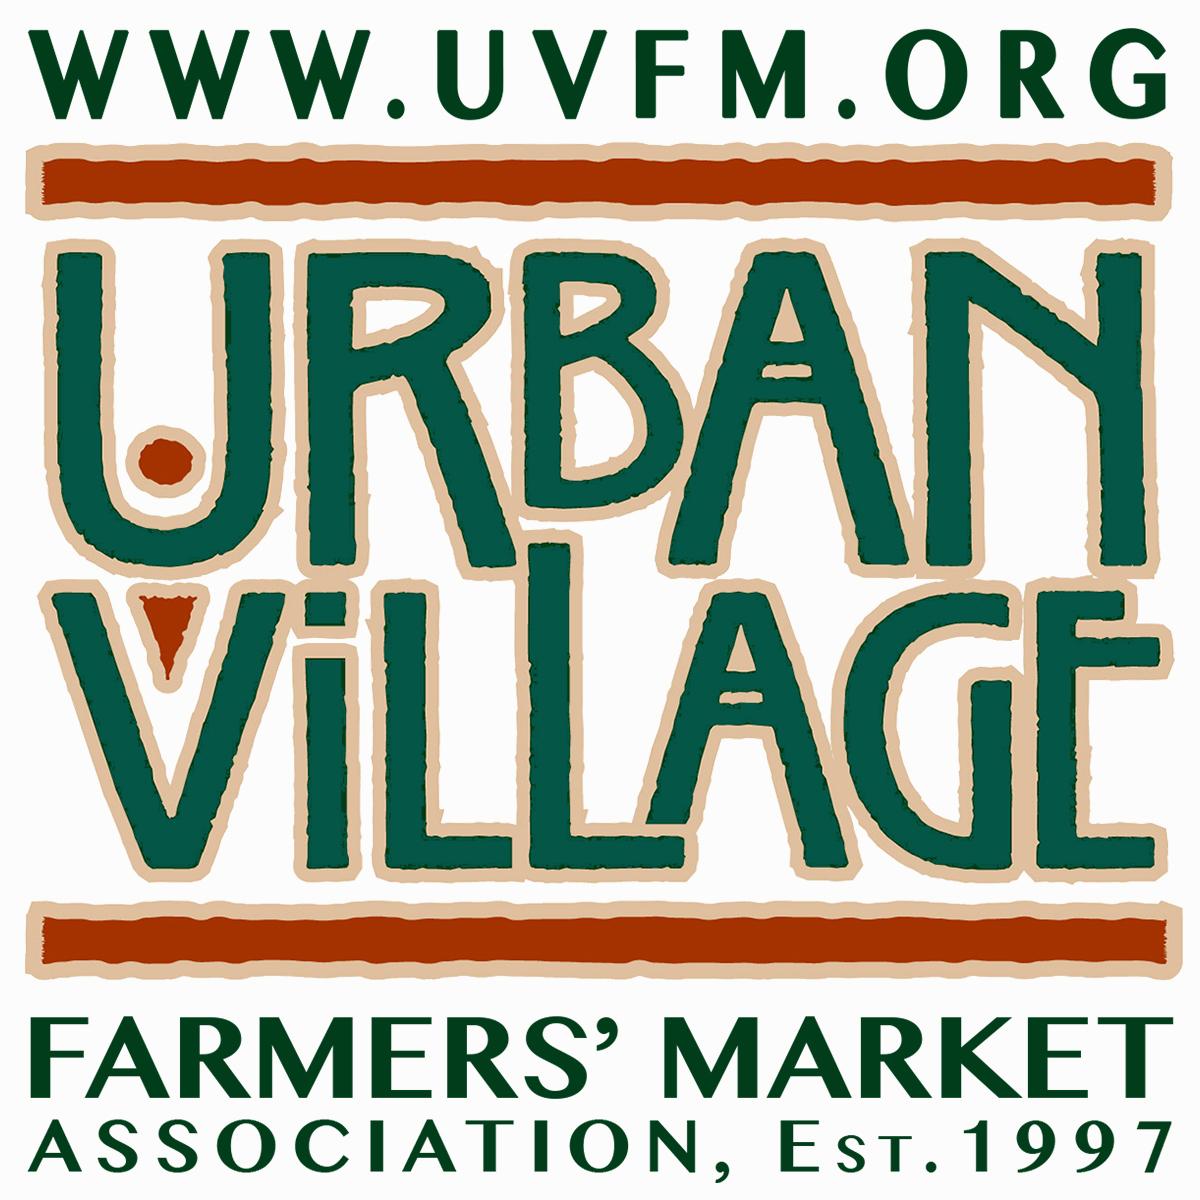 UrbanLogo UVFM_upload.jpg